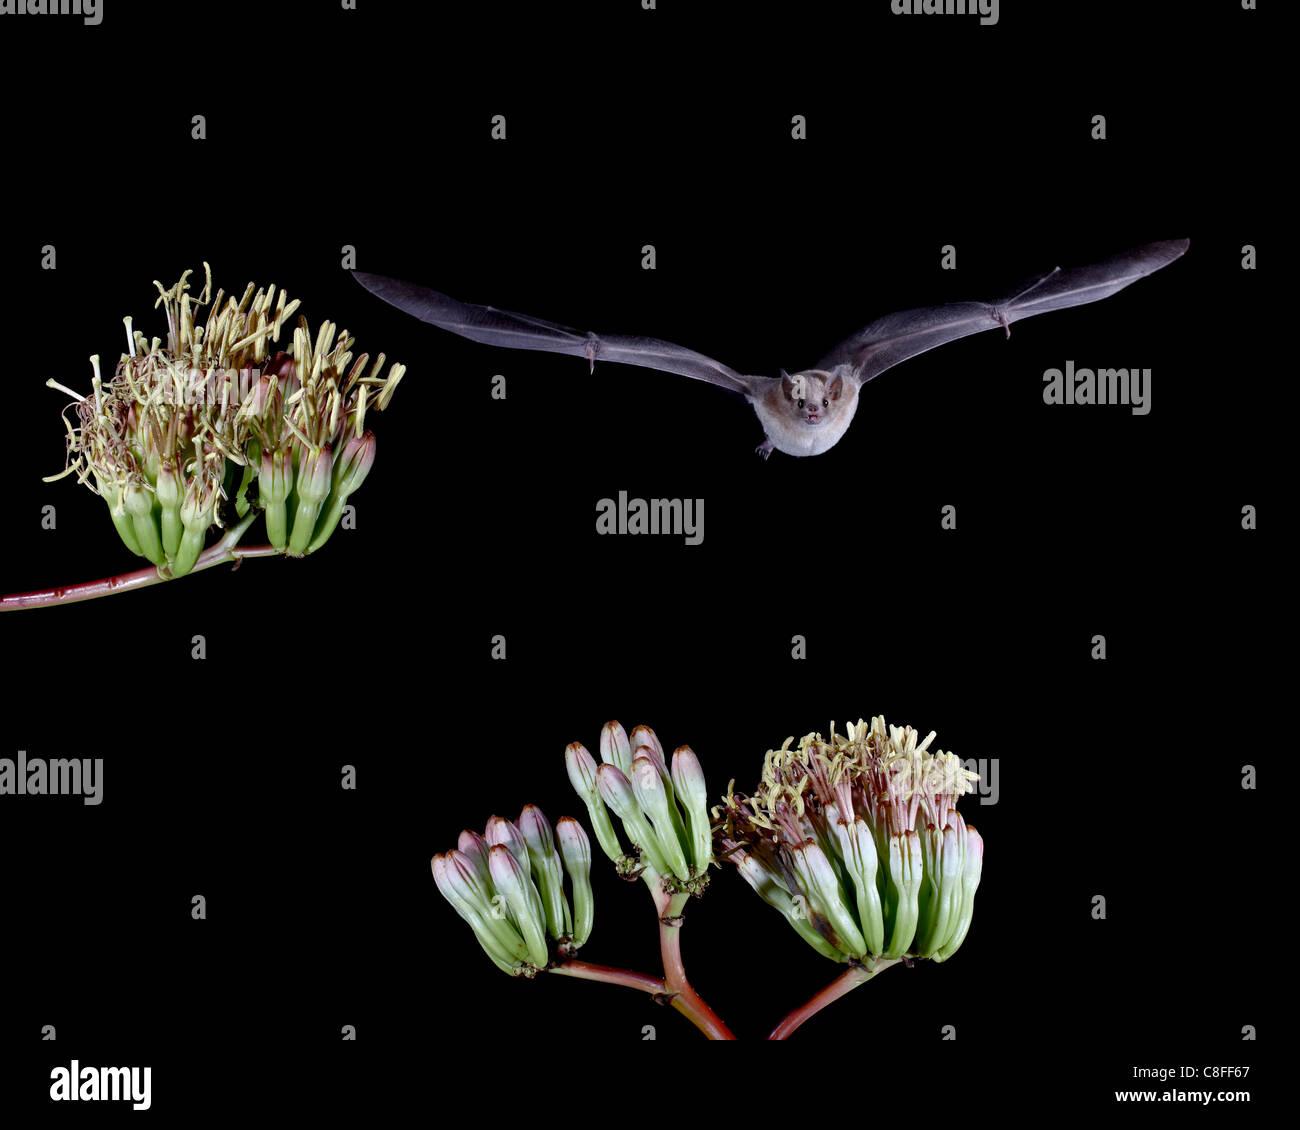 Geringerem Langnasen-Fledermaus (Leptonycteris Yerbabuenae) fliegen von Agave Blüten, in Gefangenschaft, Hidalgo County, New Mexico, USA Stockfoto